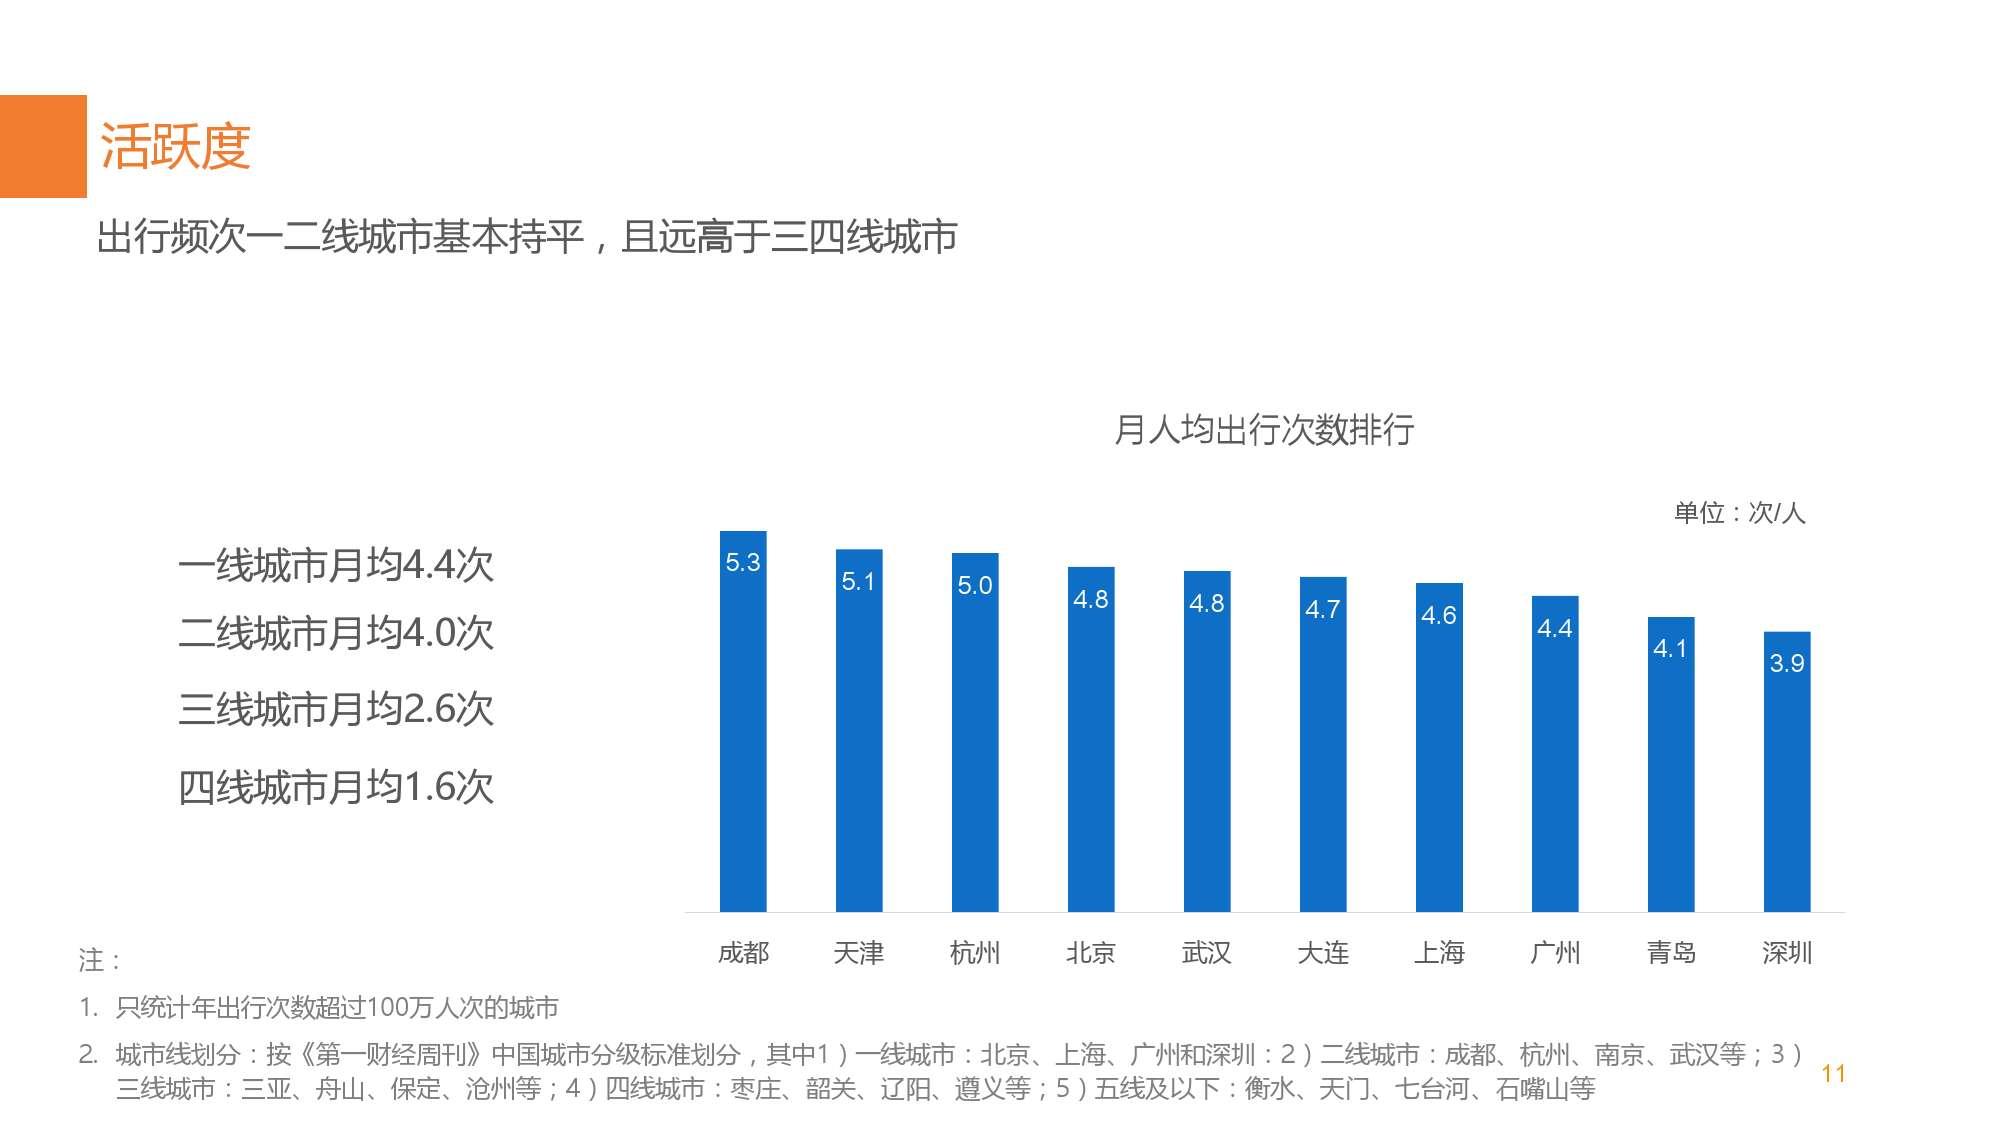 中国智能出行2015大数据报告_000011